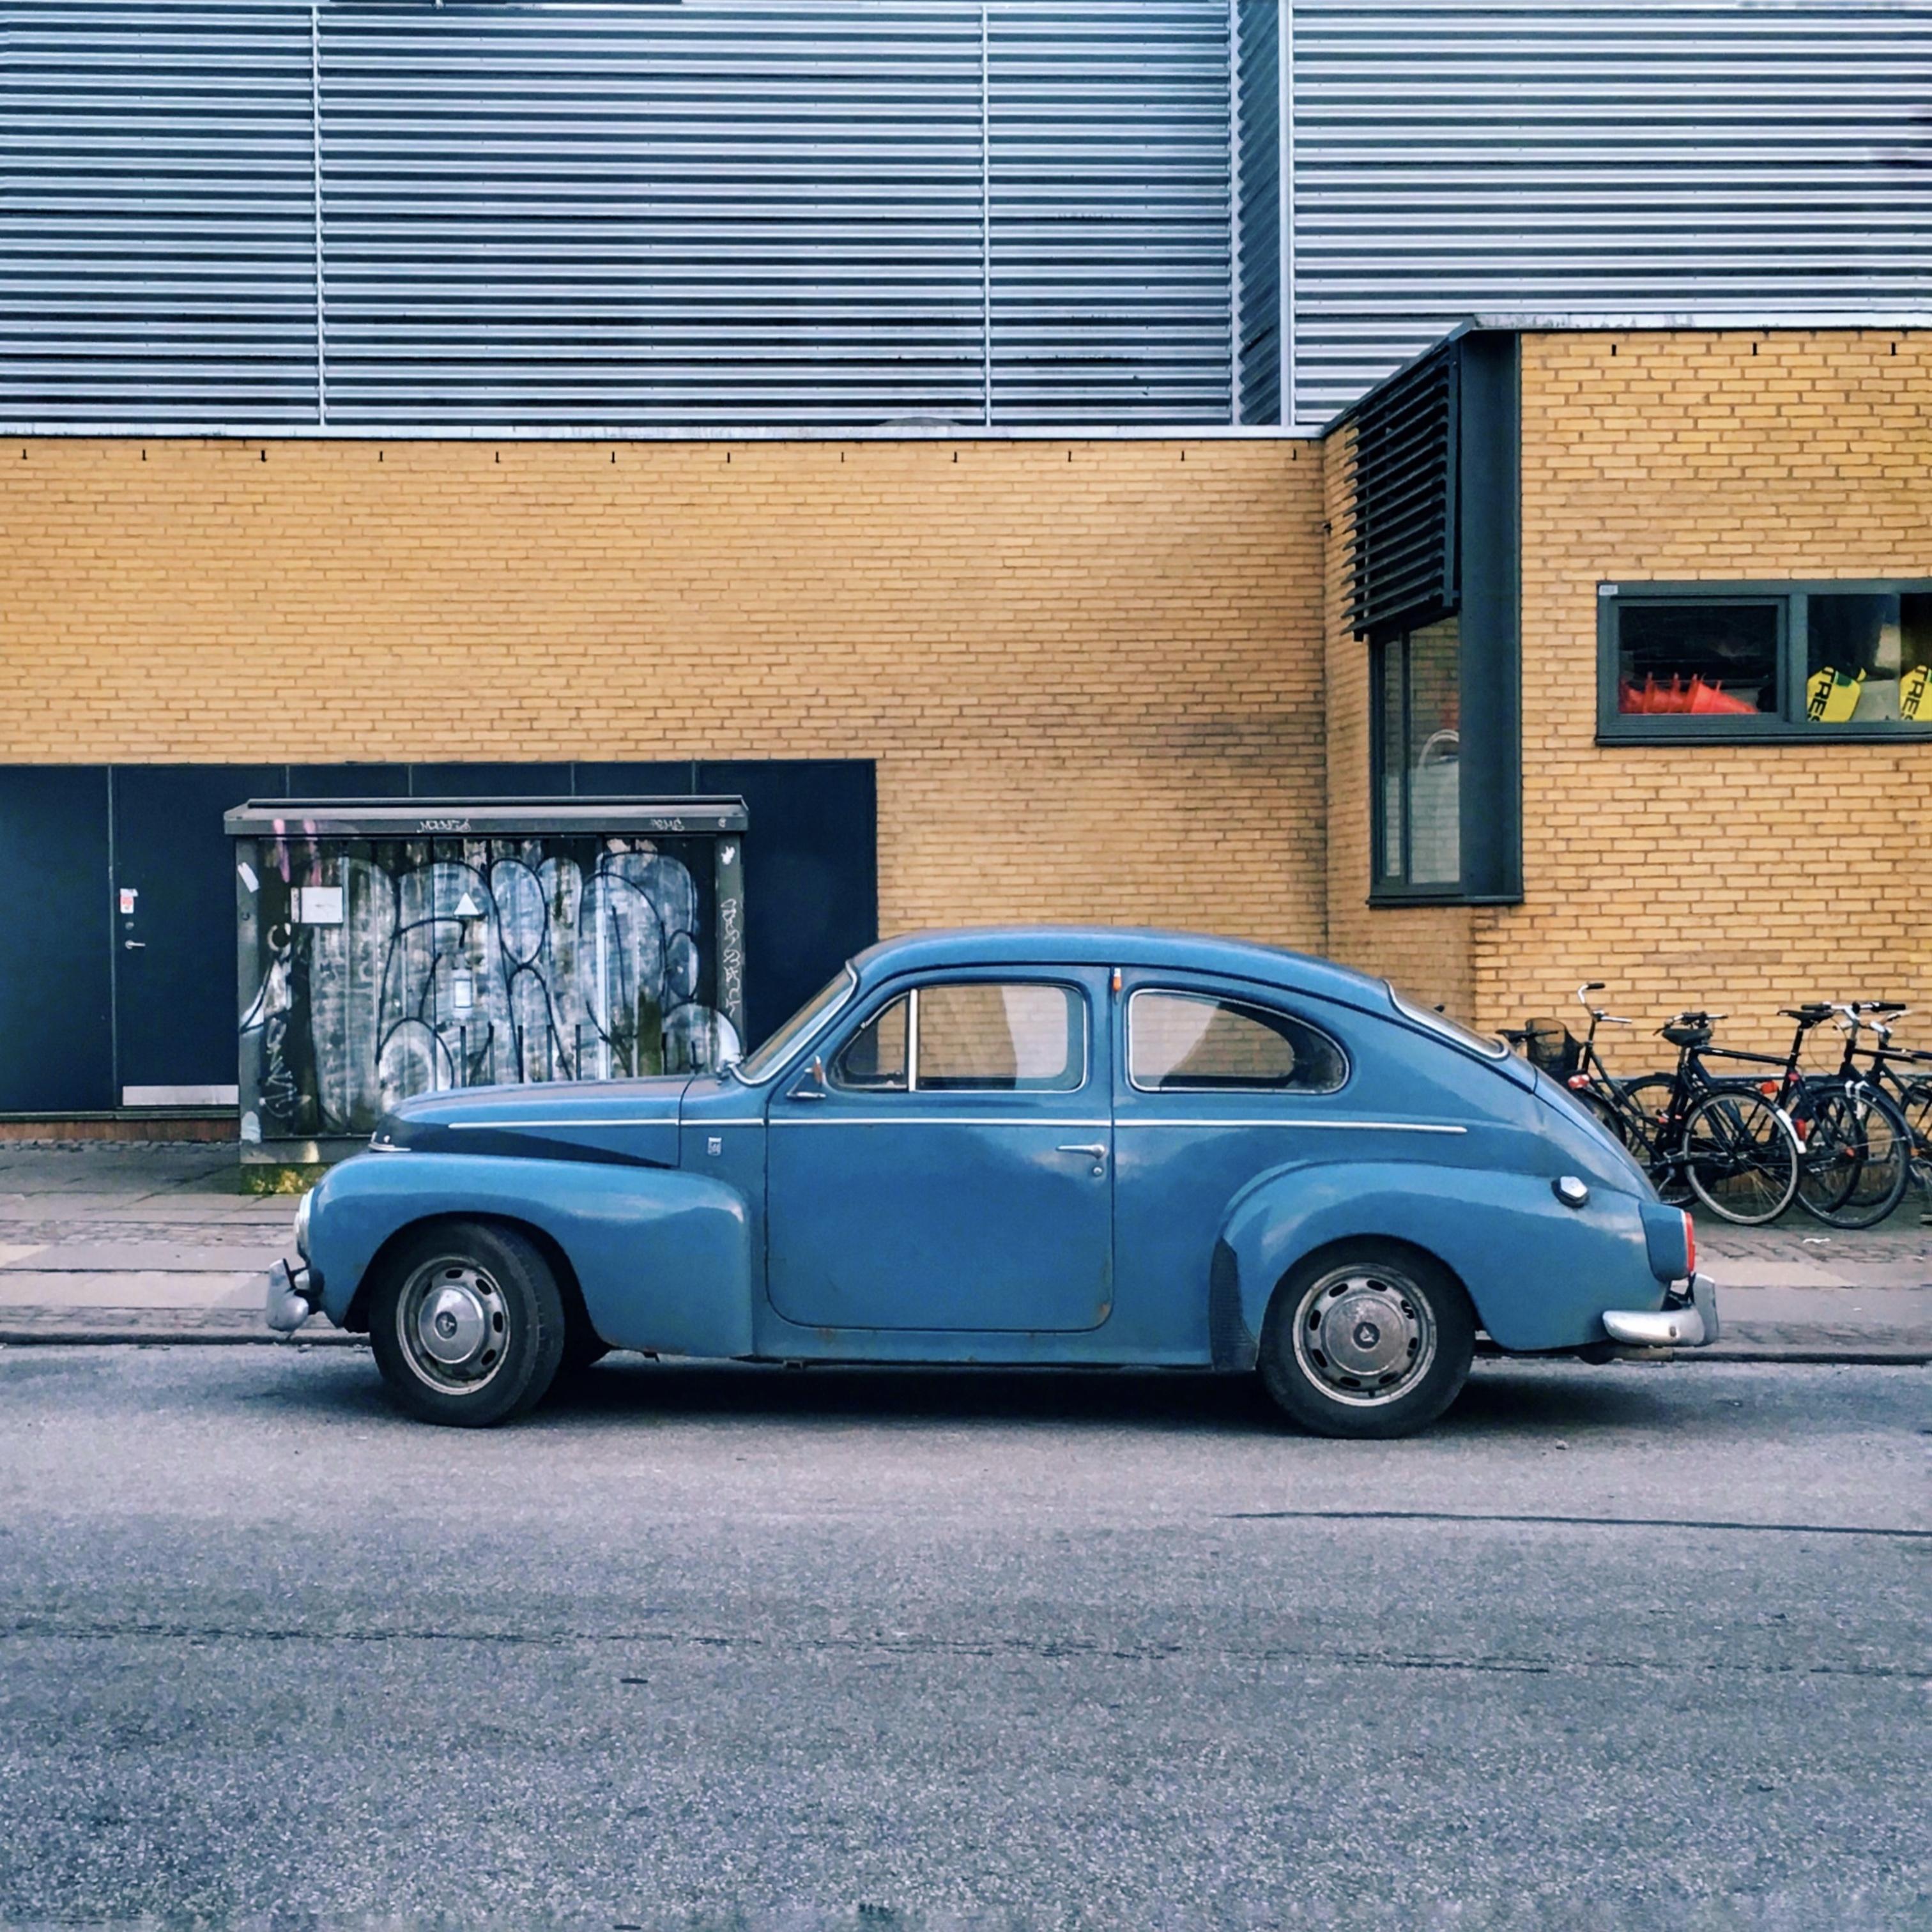 Volvo PV544 B18 1962